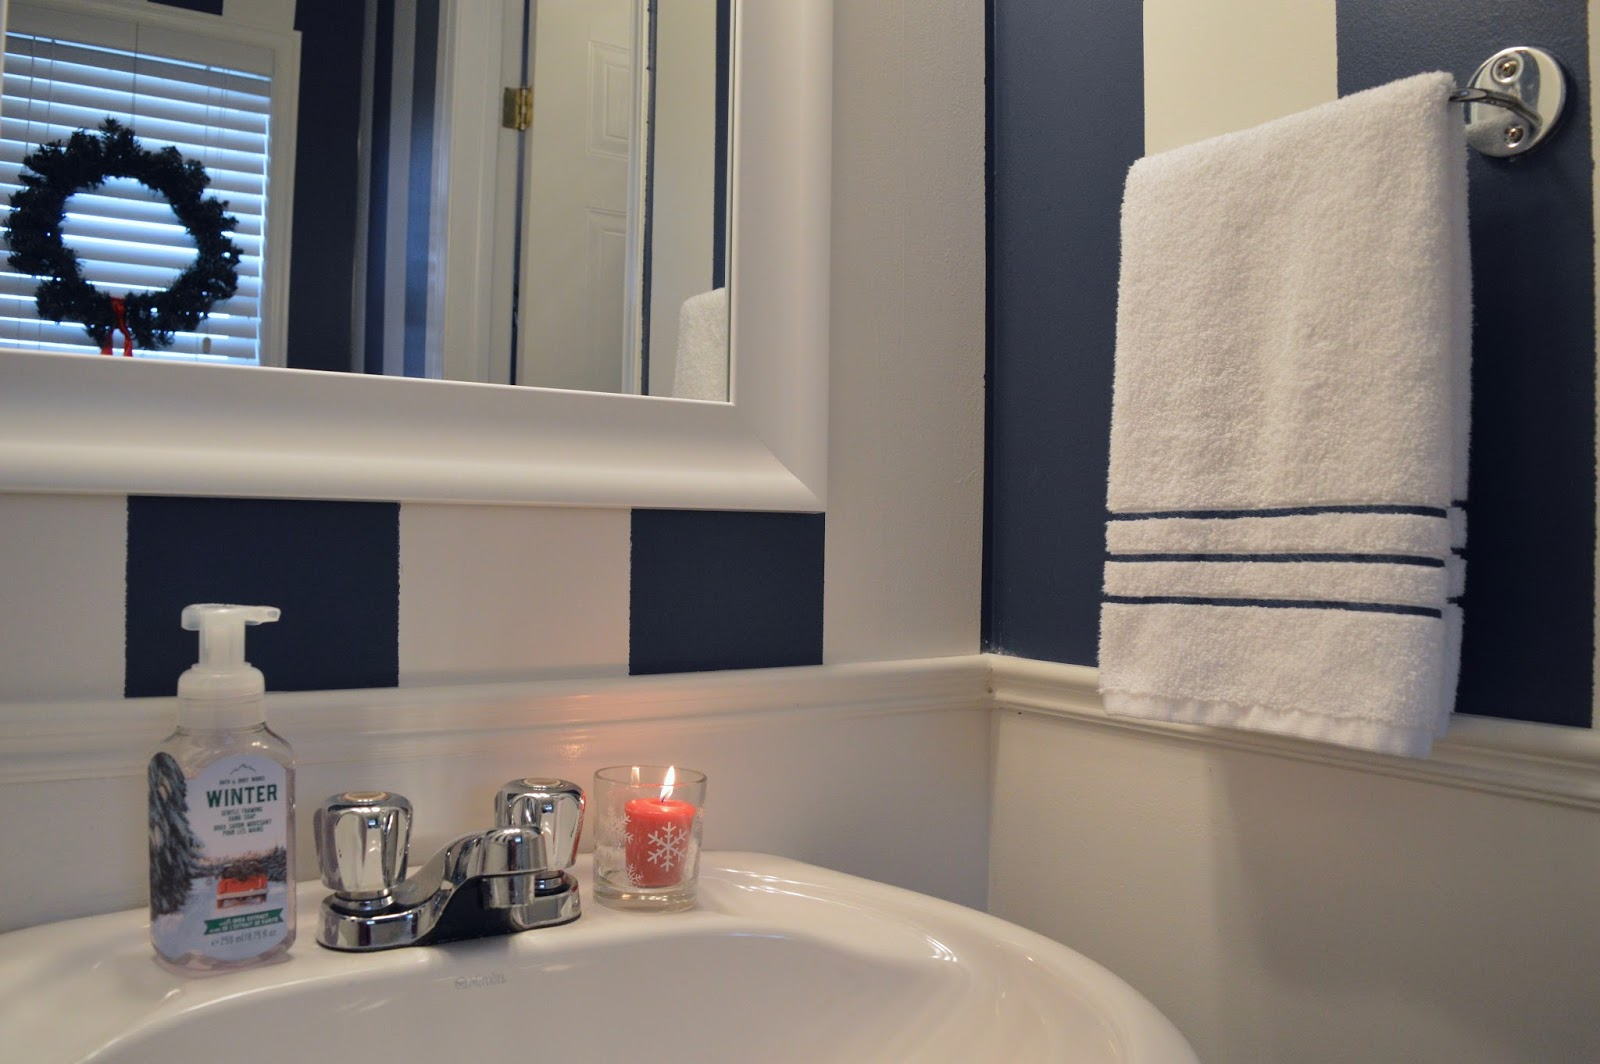 target bathroom towel